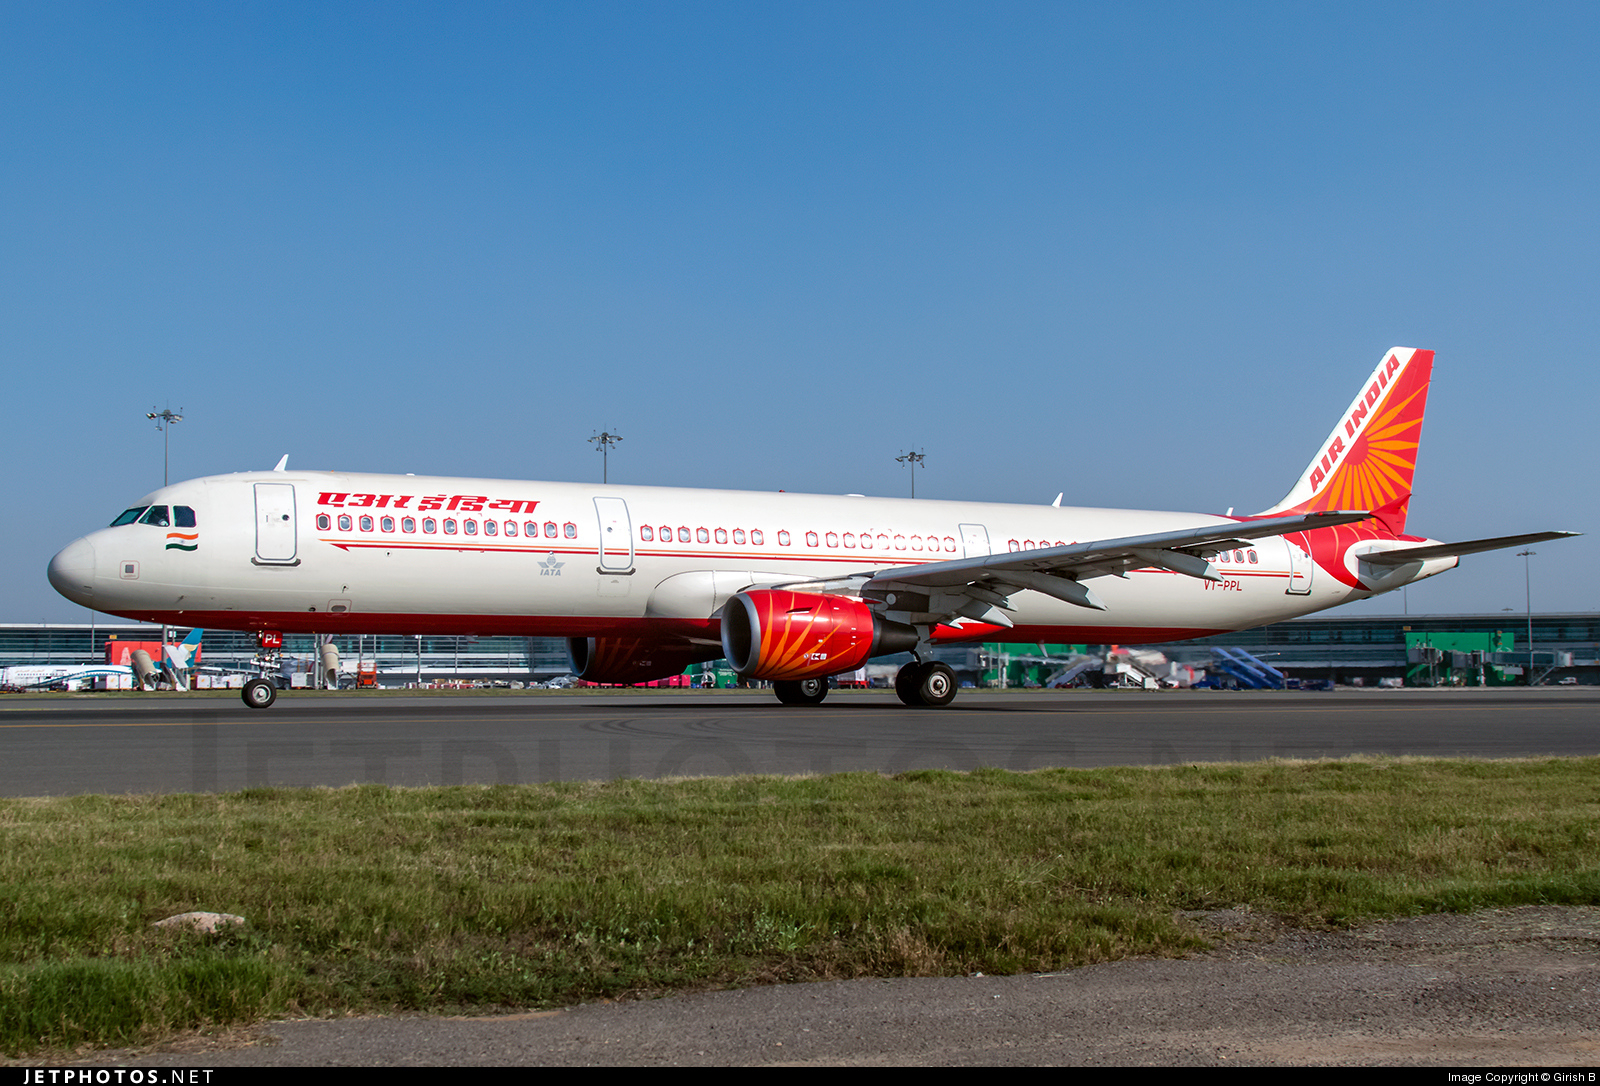 VT-PPL - Airbus A321-211 - Air India